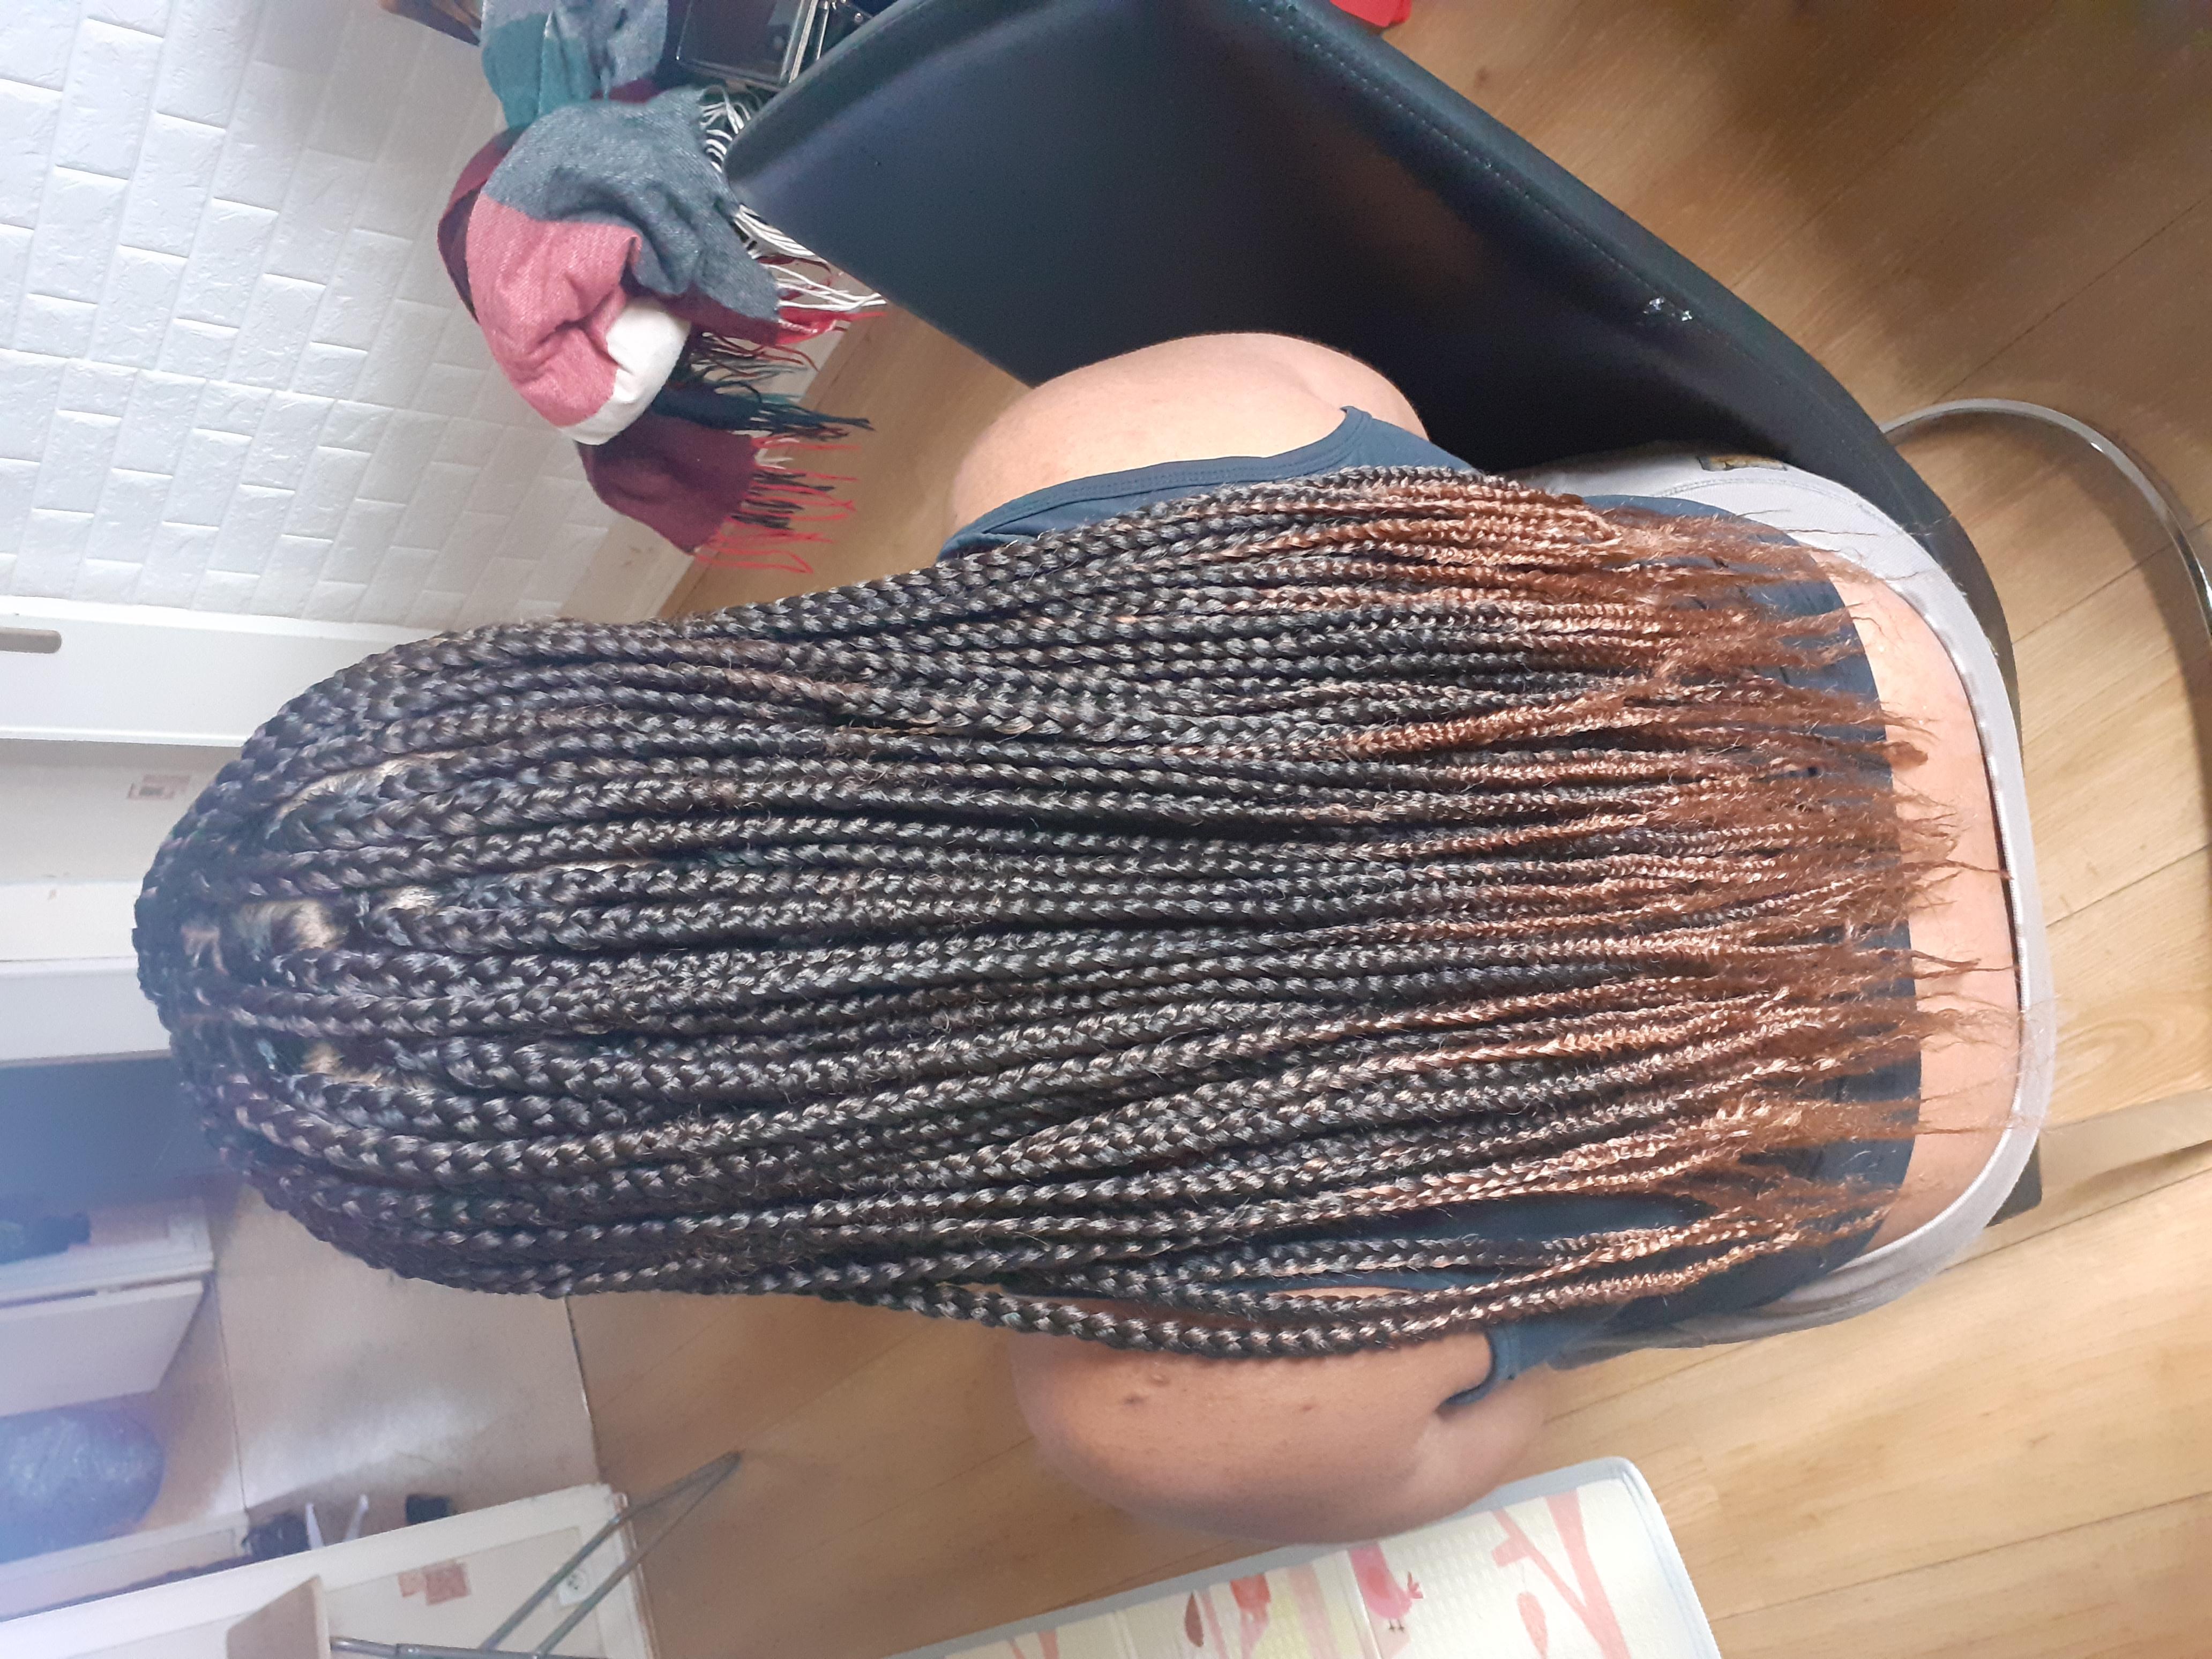 salon de coiffure afro tresse tresses box braids crochet braids vanilles tissages paris 75 77 78 91 92 93 94 95 YYVGFQRT